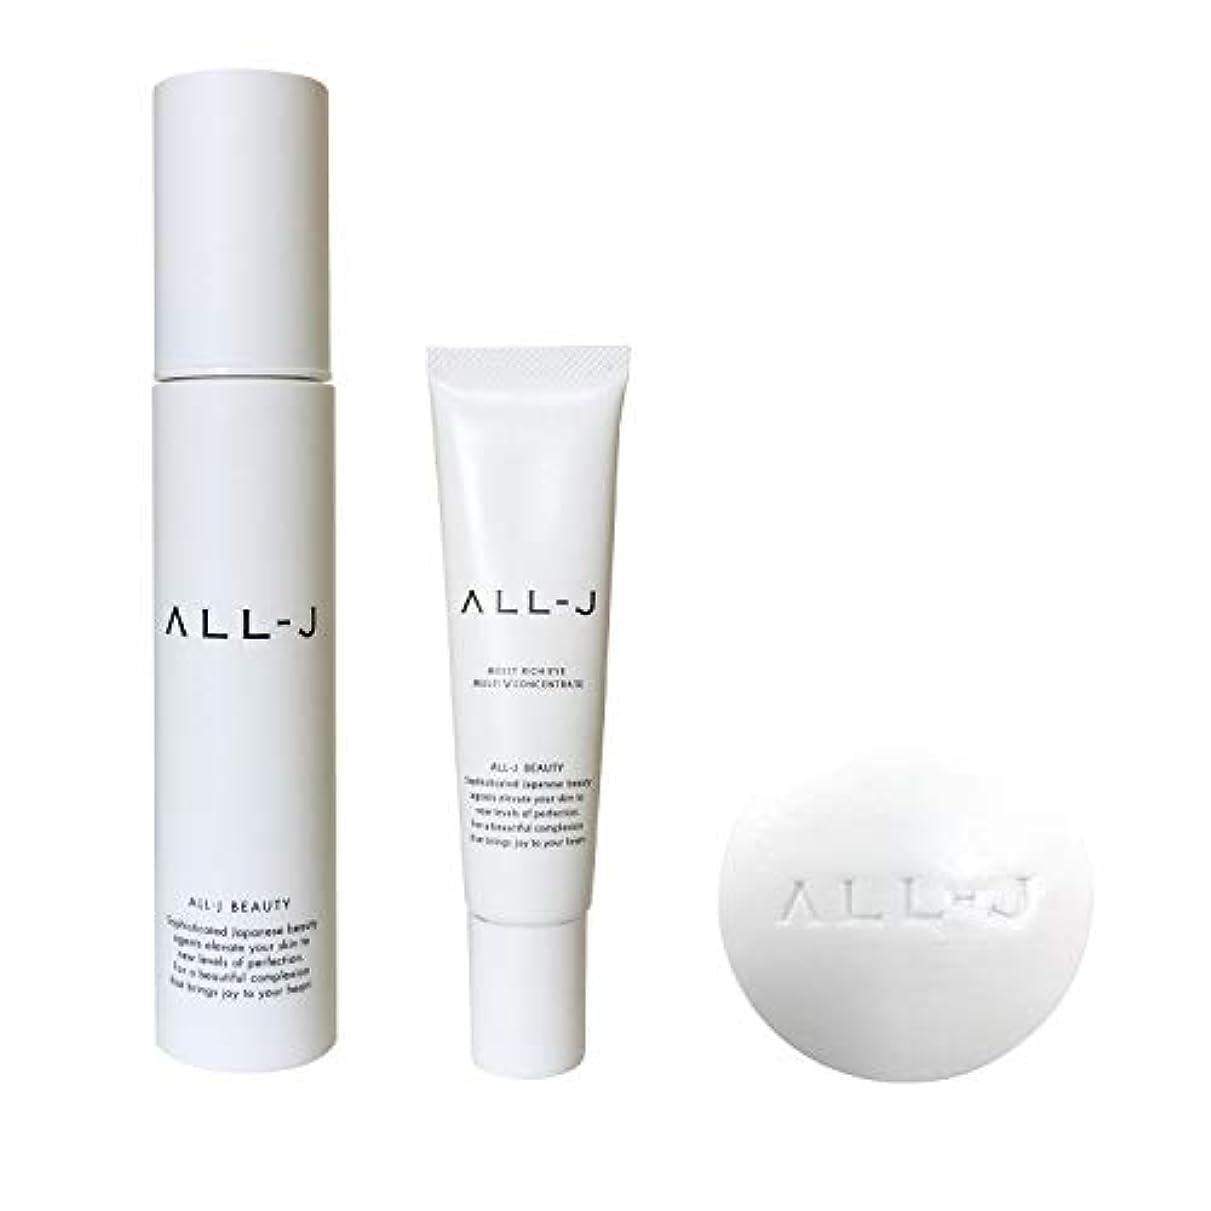 工夫する比率気づくALL-J オールジェイ スキンケアセット ゲルクリーム状美容液 オールインワンタイプ & アイクリーム & 洗顔石鹸